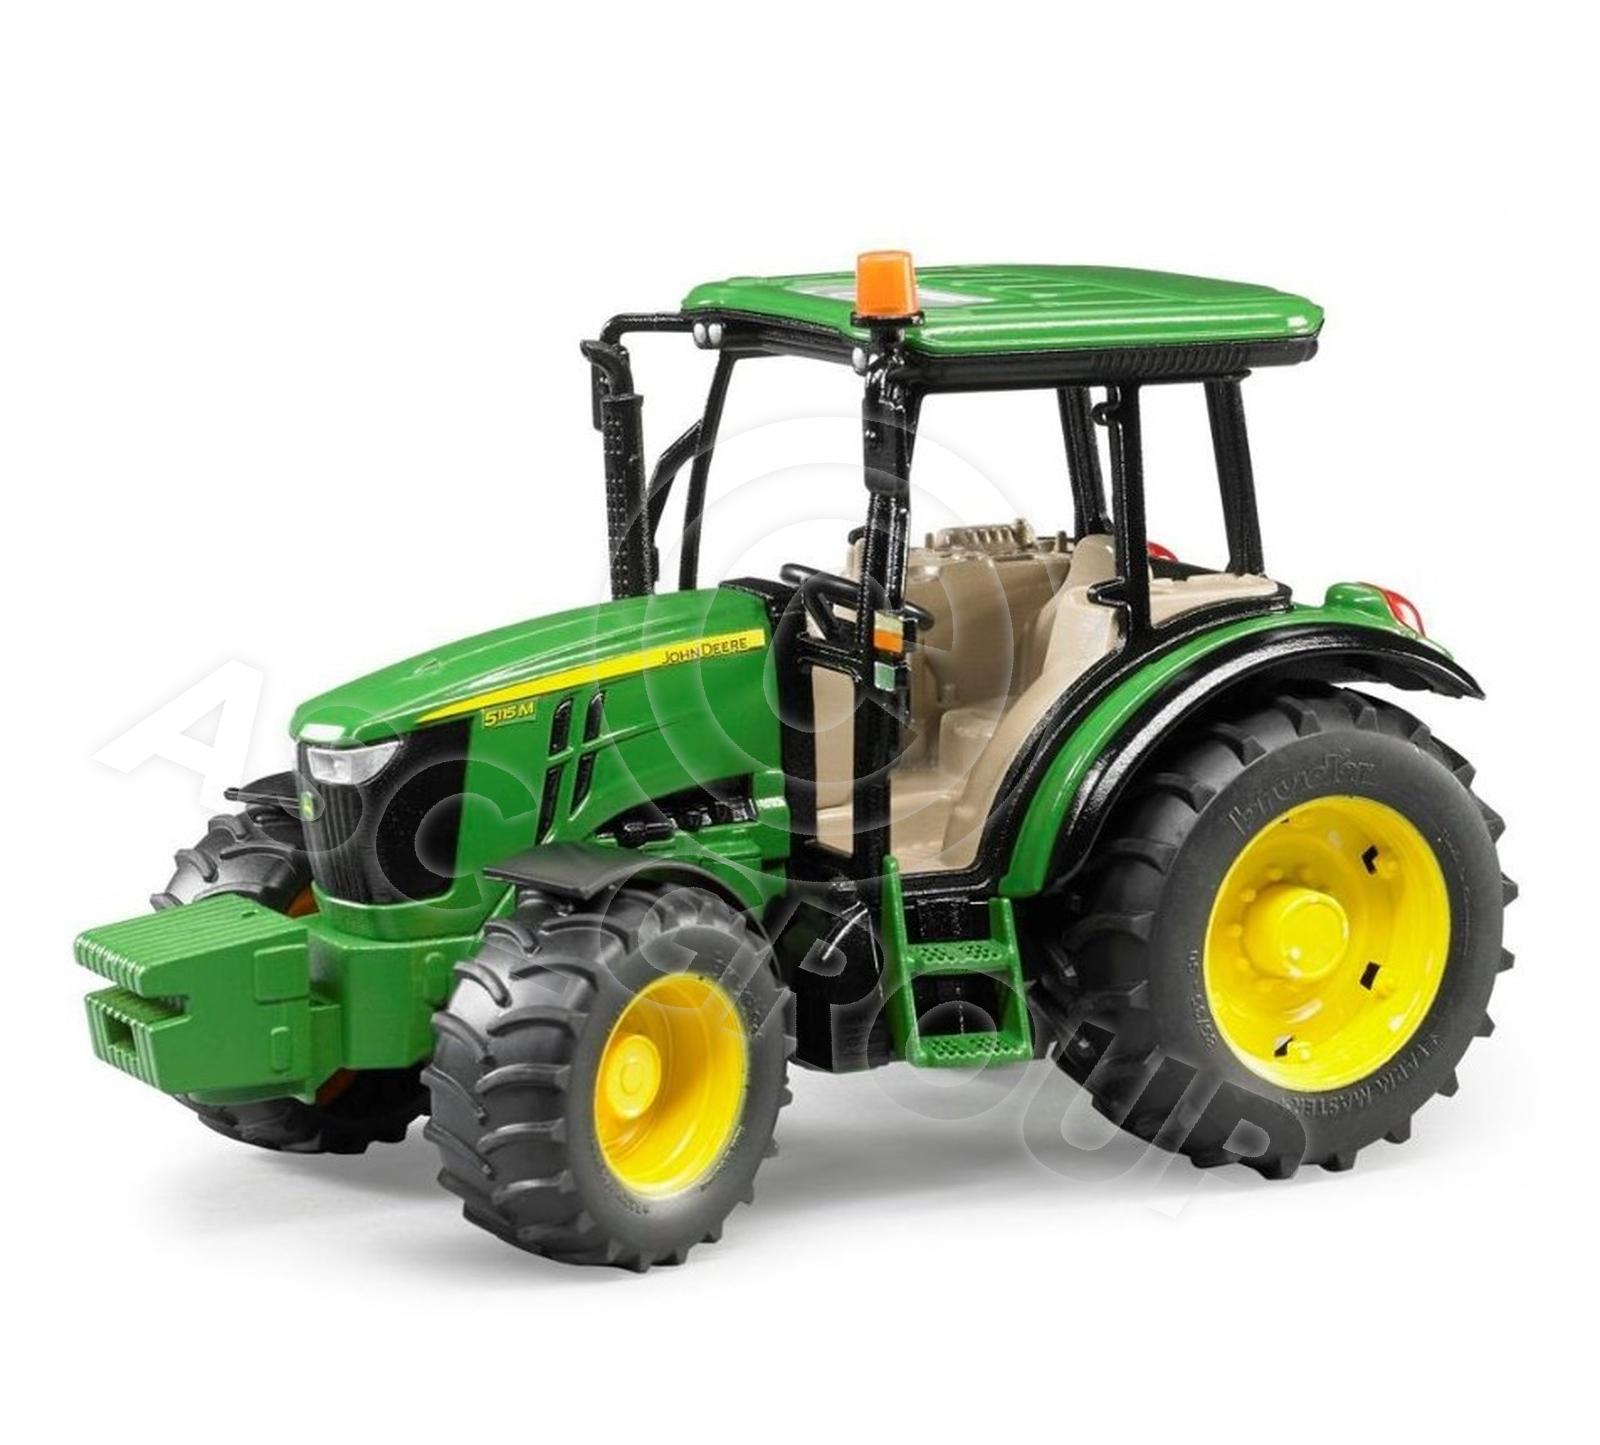 bruder toys 02106 pro series john deere 5115m tractor toy. Black Bedroom Furniture Sets. Home Design Ideas